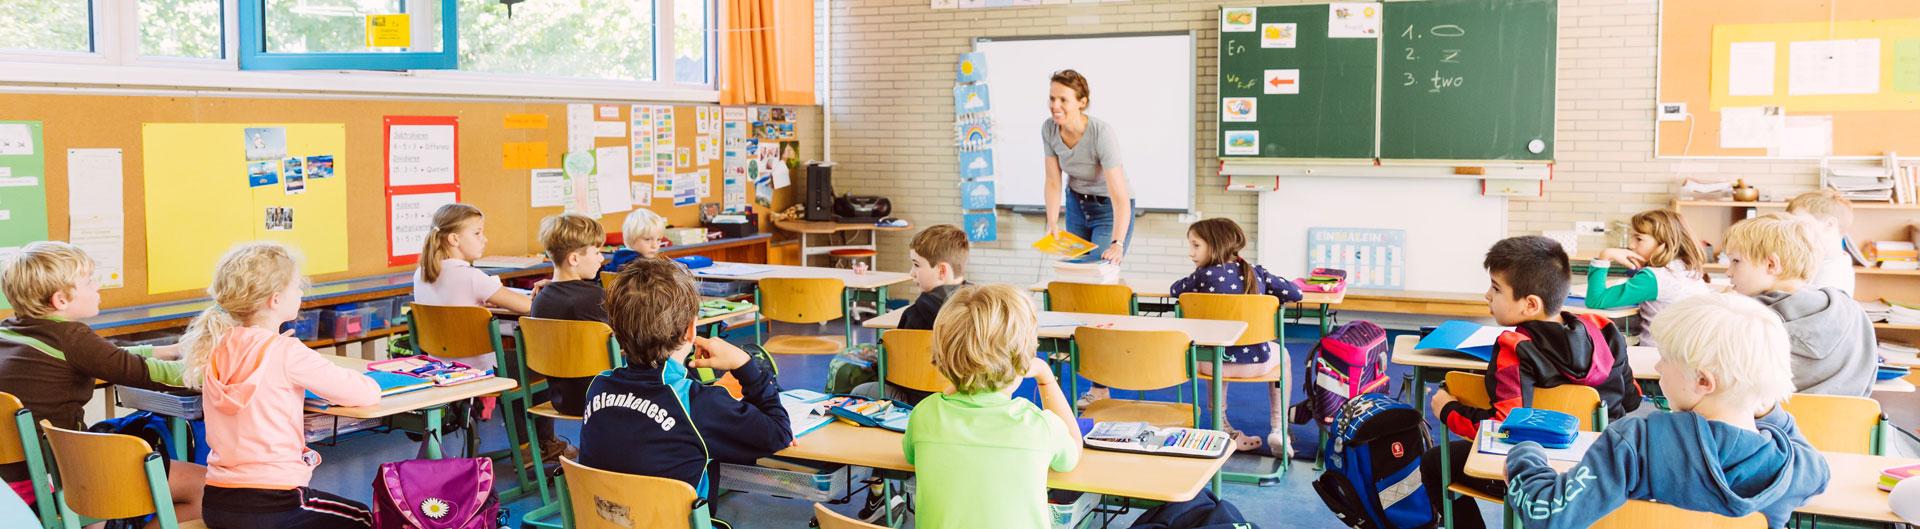 Eine Schulklasse wird unterrichtet.